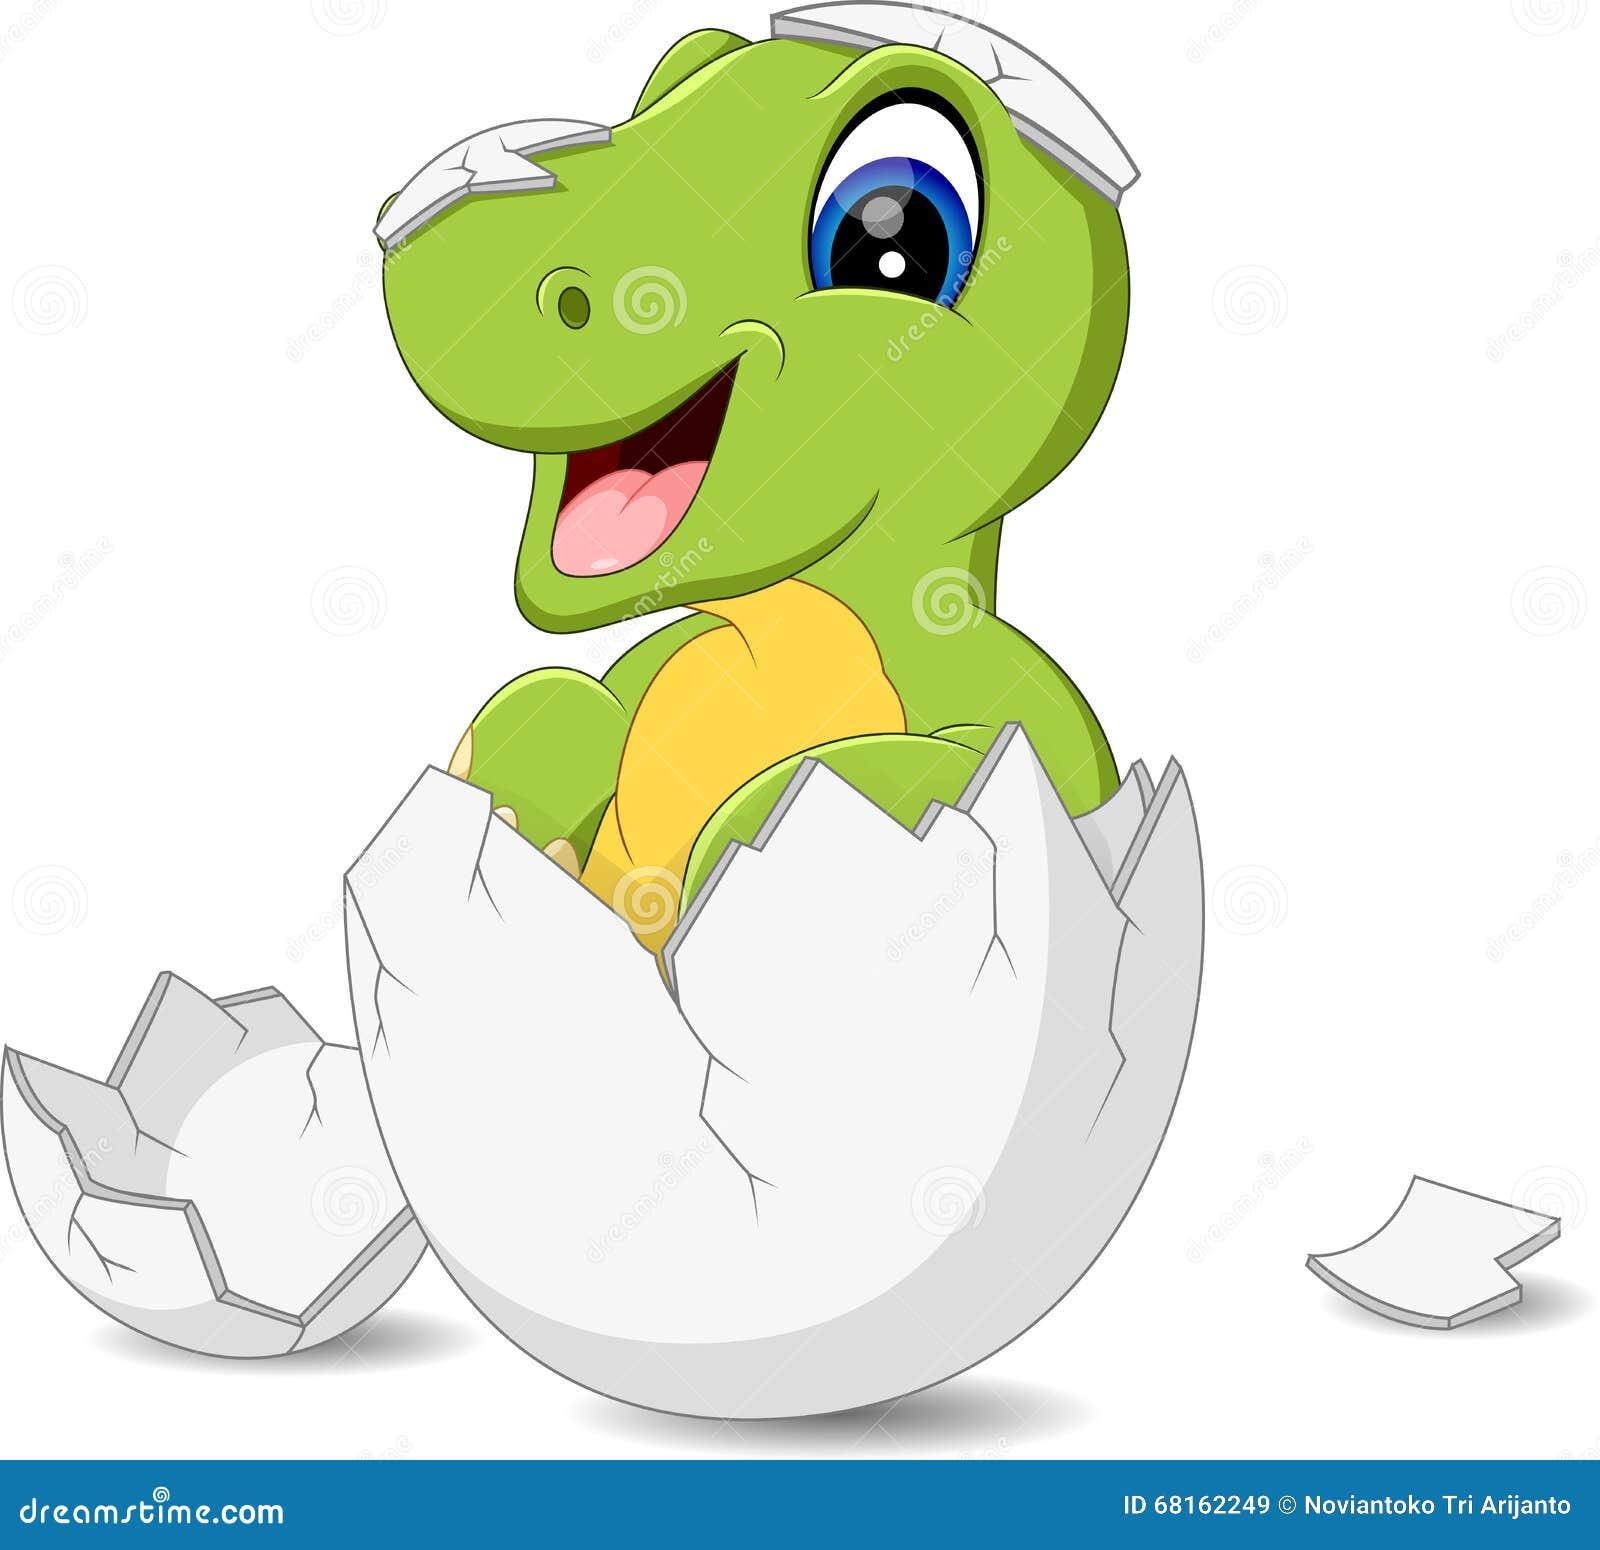 Cute Dinosaur Cartoon Stock Illustrations 23 203 Cute Dinosaur Cartoon Stock Illustrations Vectors Clipart Dreamstime